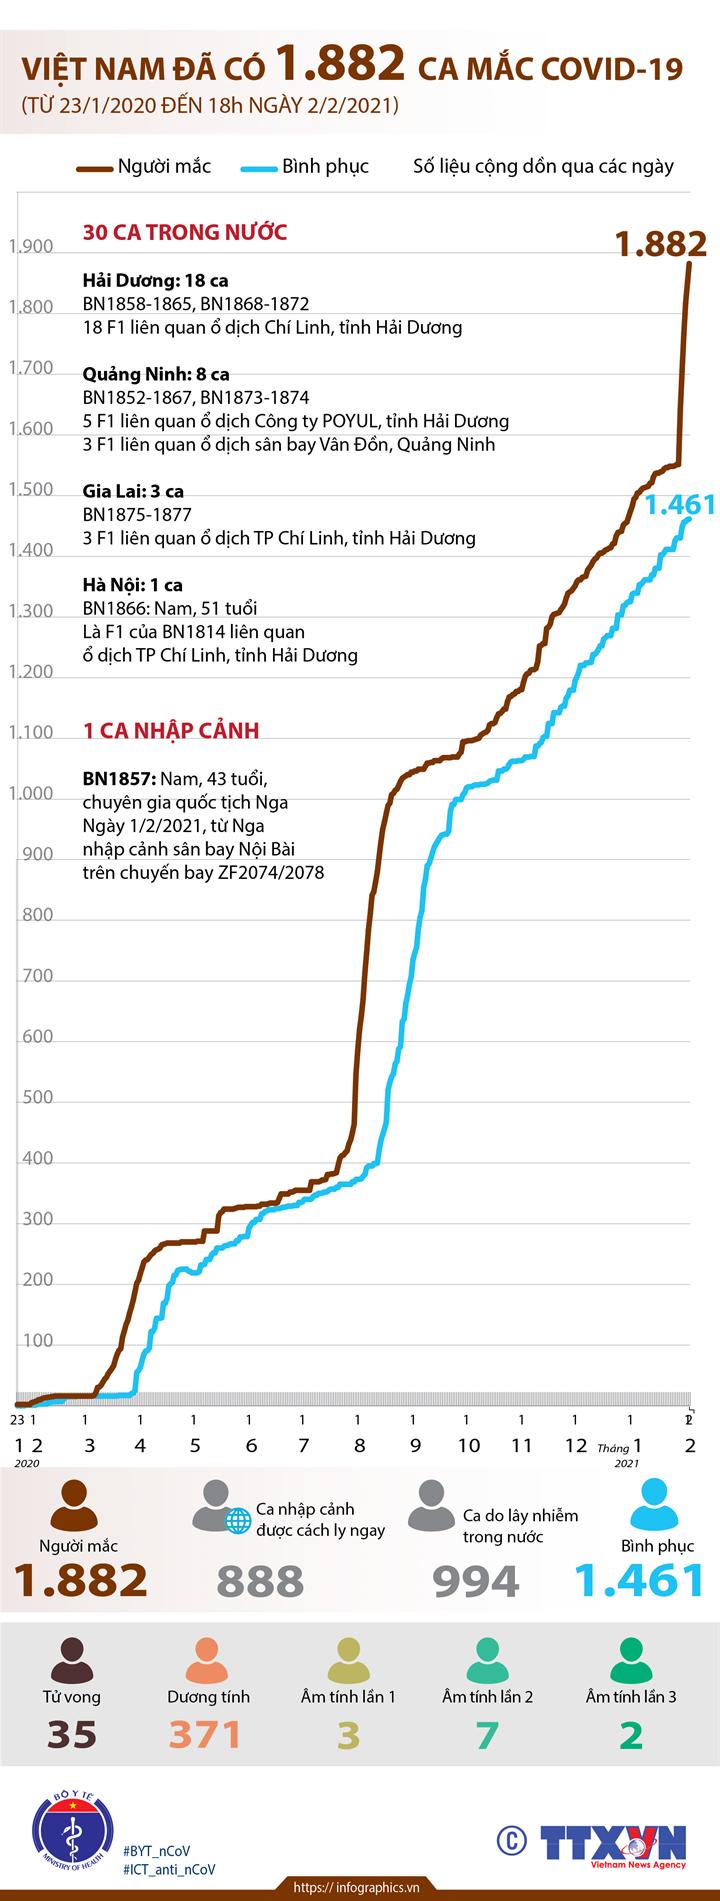 Việt Nam đã có 1.882 ca mắc COVID-19 (từ 23/1/2020 đến 18h ngày 2/2/2021)